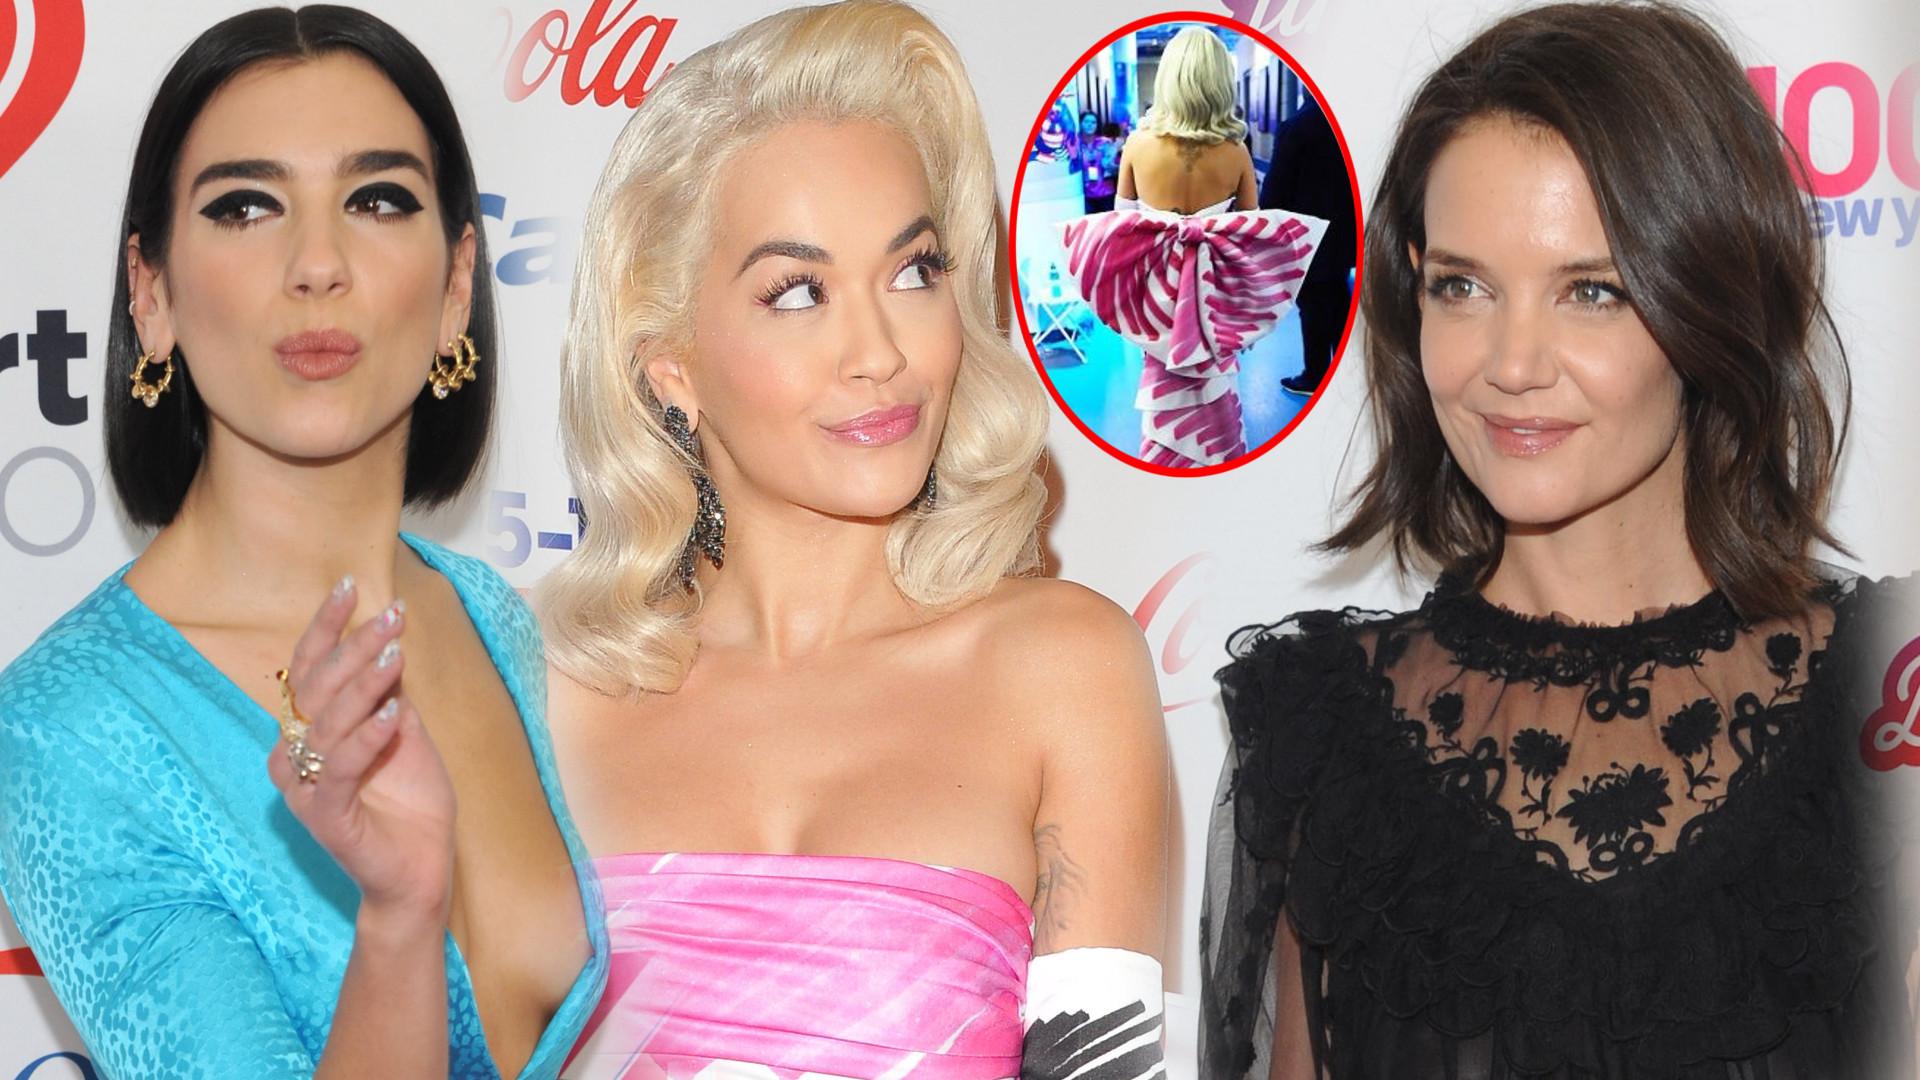 Rita Ora POŁOŻYŁA konkurencję na gali Jingle Bell Ball 2018 (ZDJĘCIA)